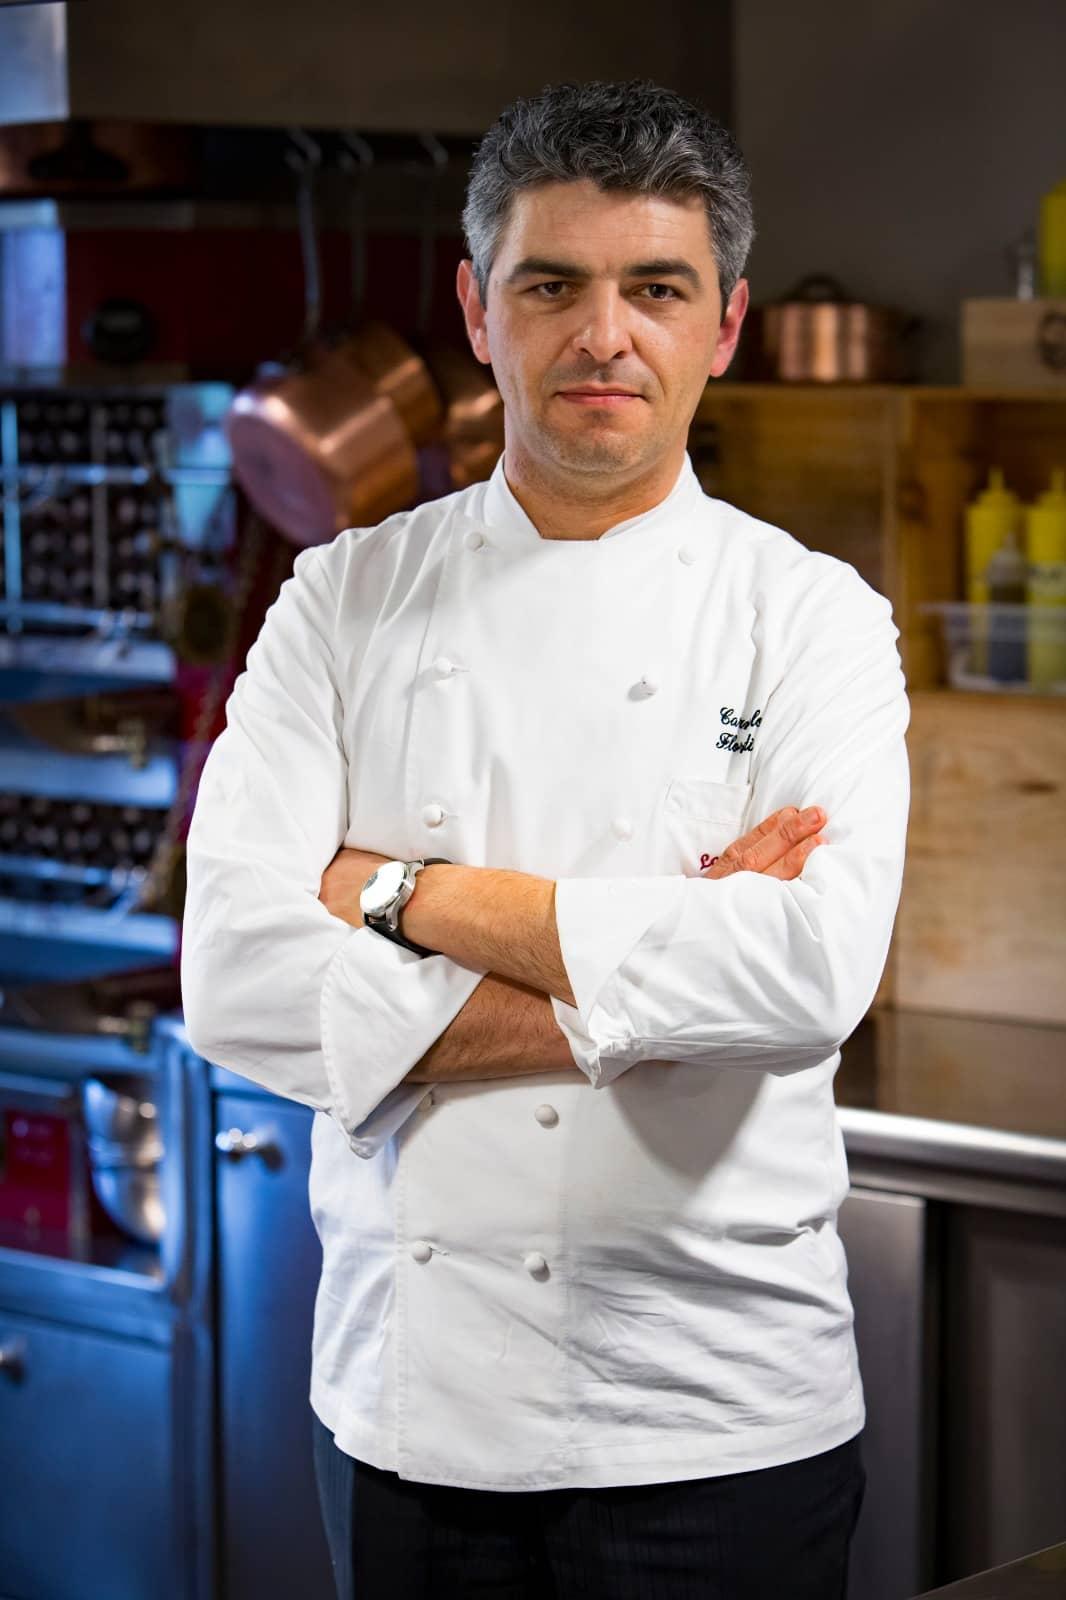 Cambio di cucina per lo chef Floridia | Sicilia da Gustare